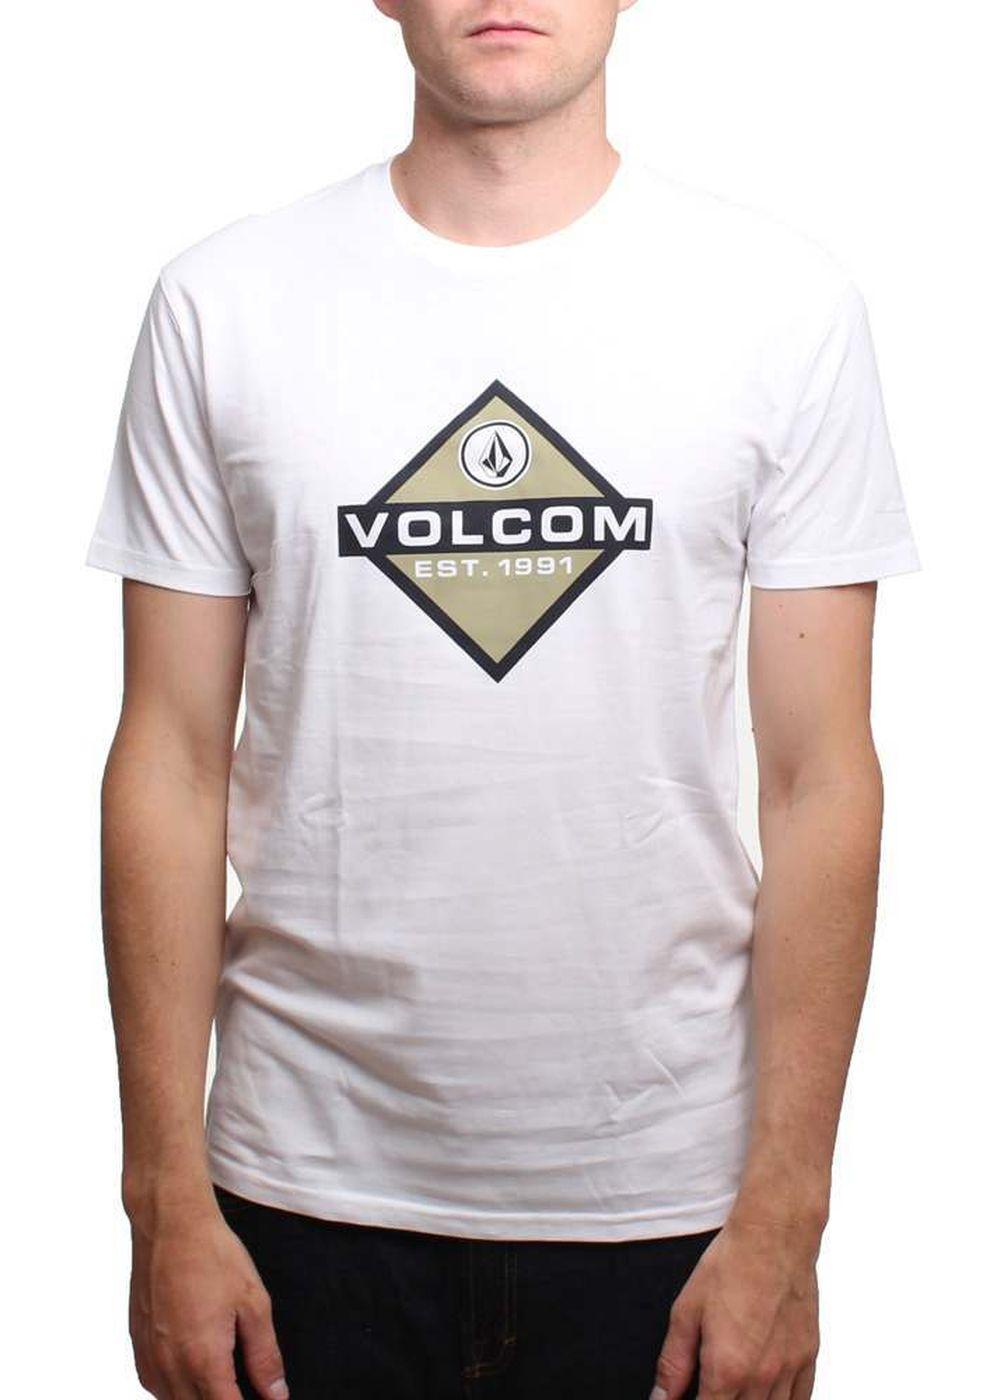 VOLCOM HI FIVE 4 ALL TEE White